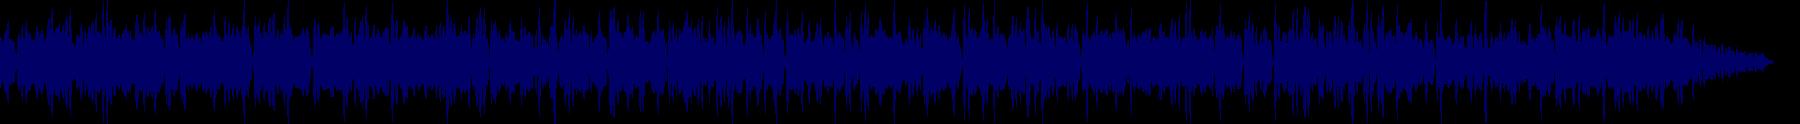 waveform of track #36198